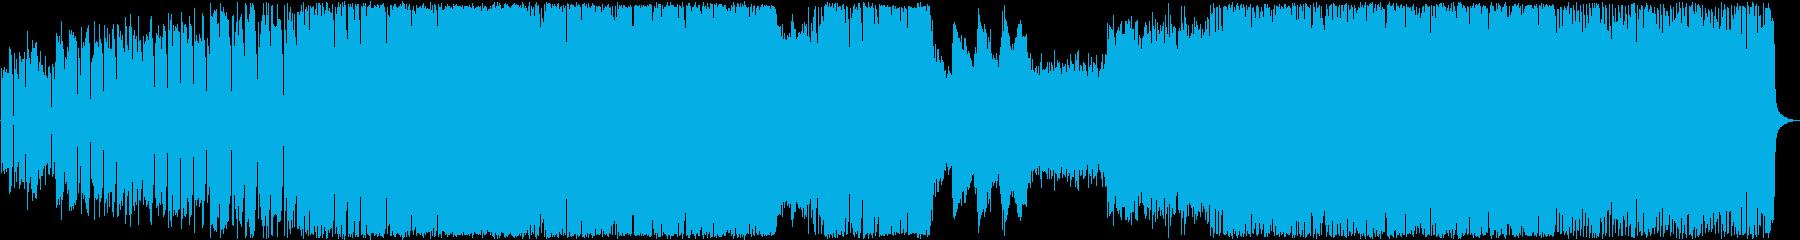 サイケデリックな暗めピアノバンドサウンドの再生済みの波形